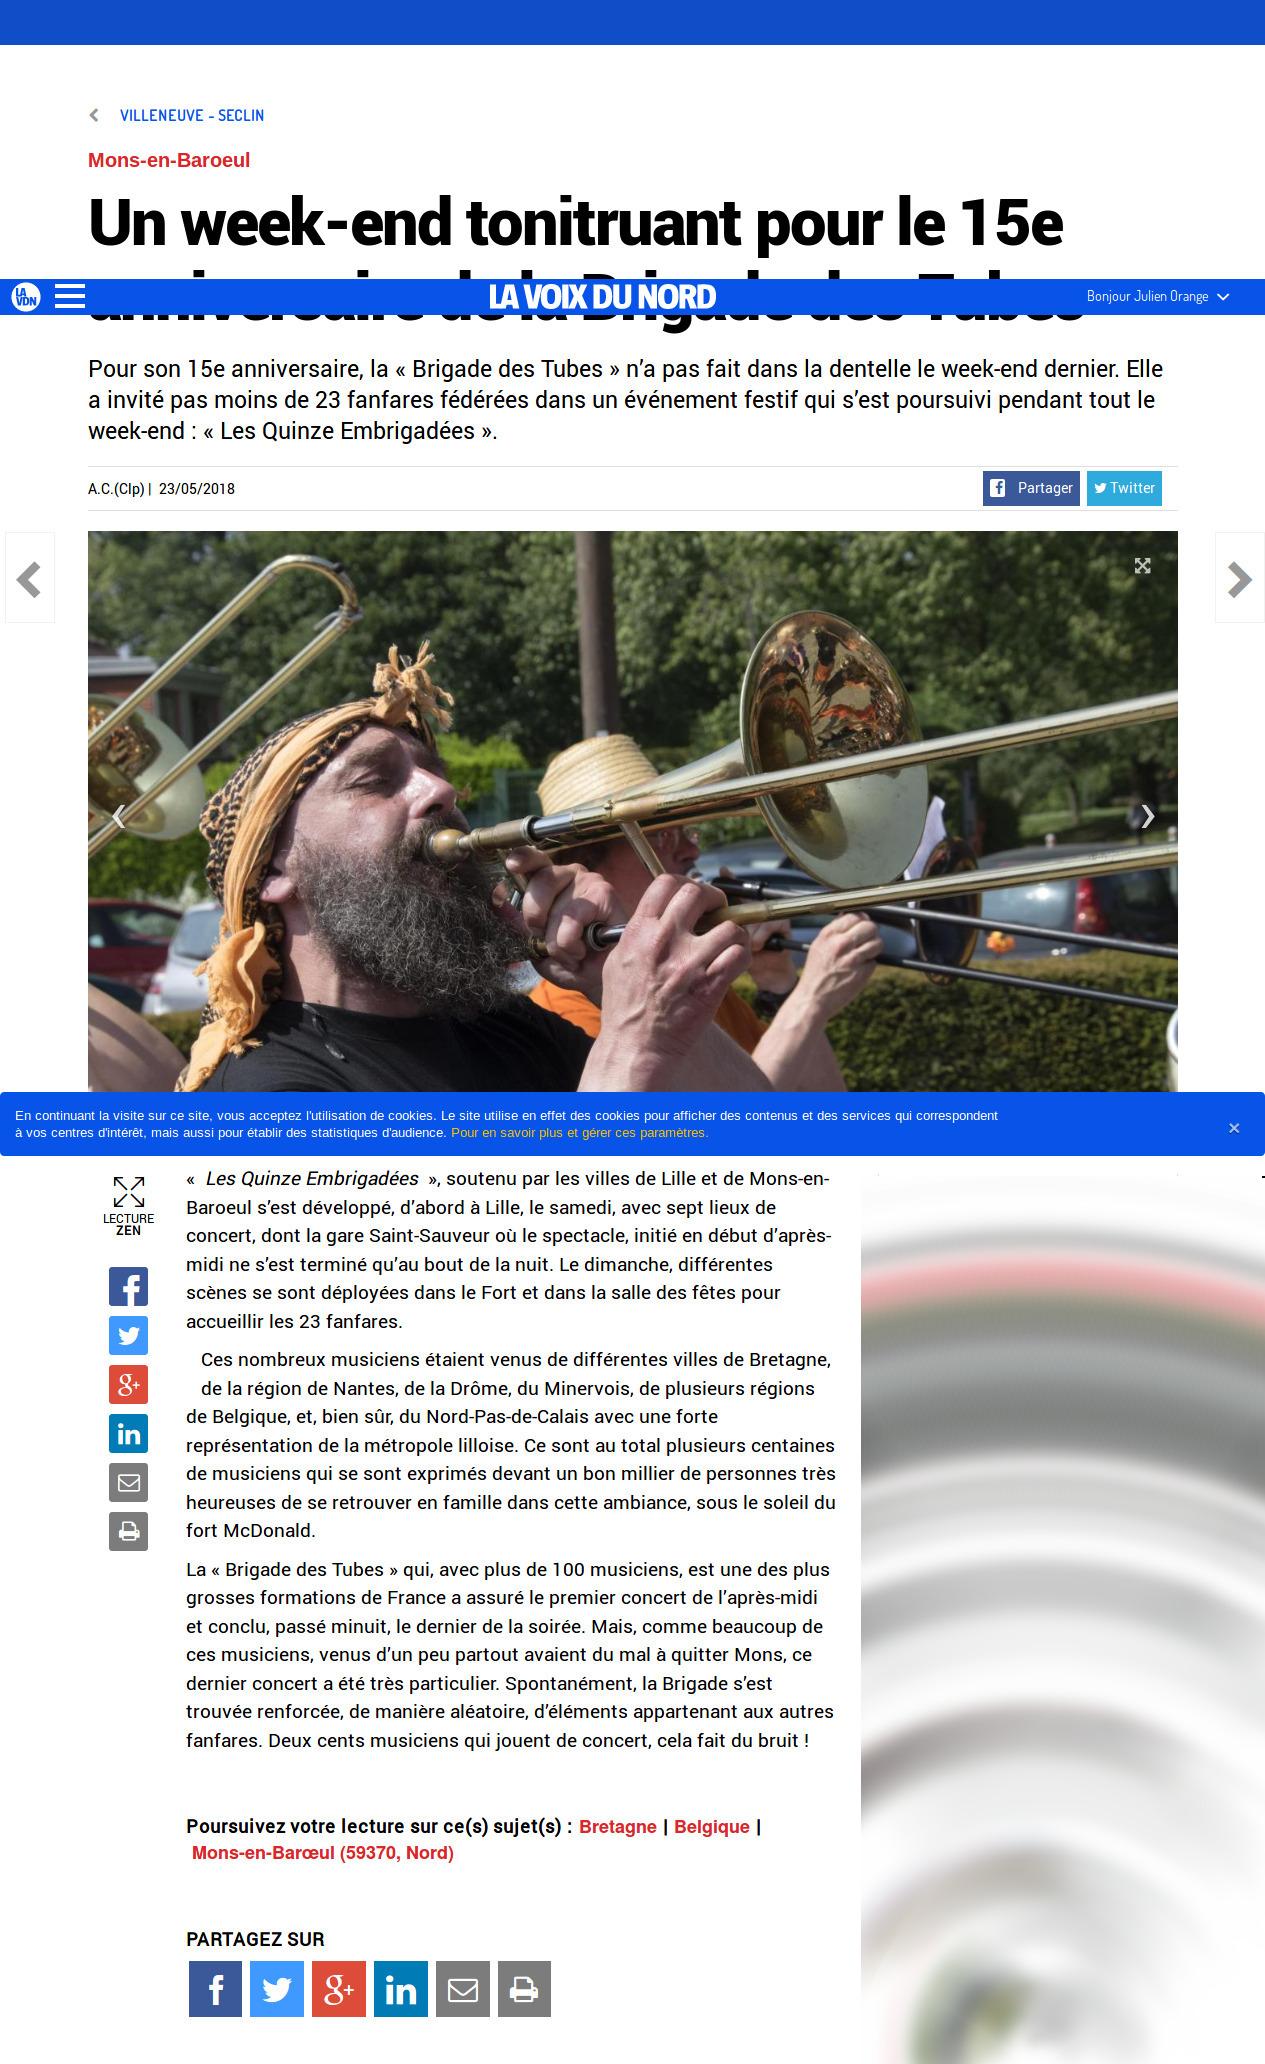 Screenshot-2018-5-28 Mons-en-Baroeul - Un week-end tonitruant pour le 15e anniversaire de la Brigade des Tubes